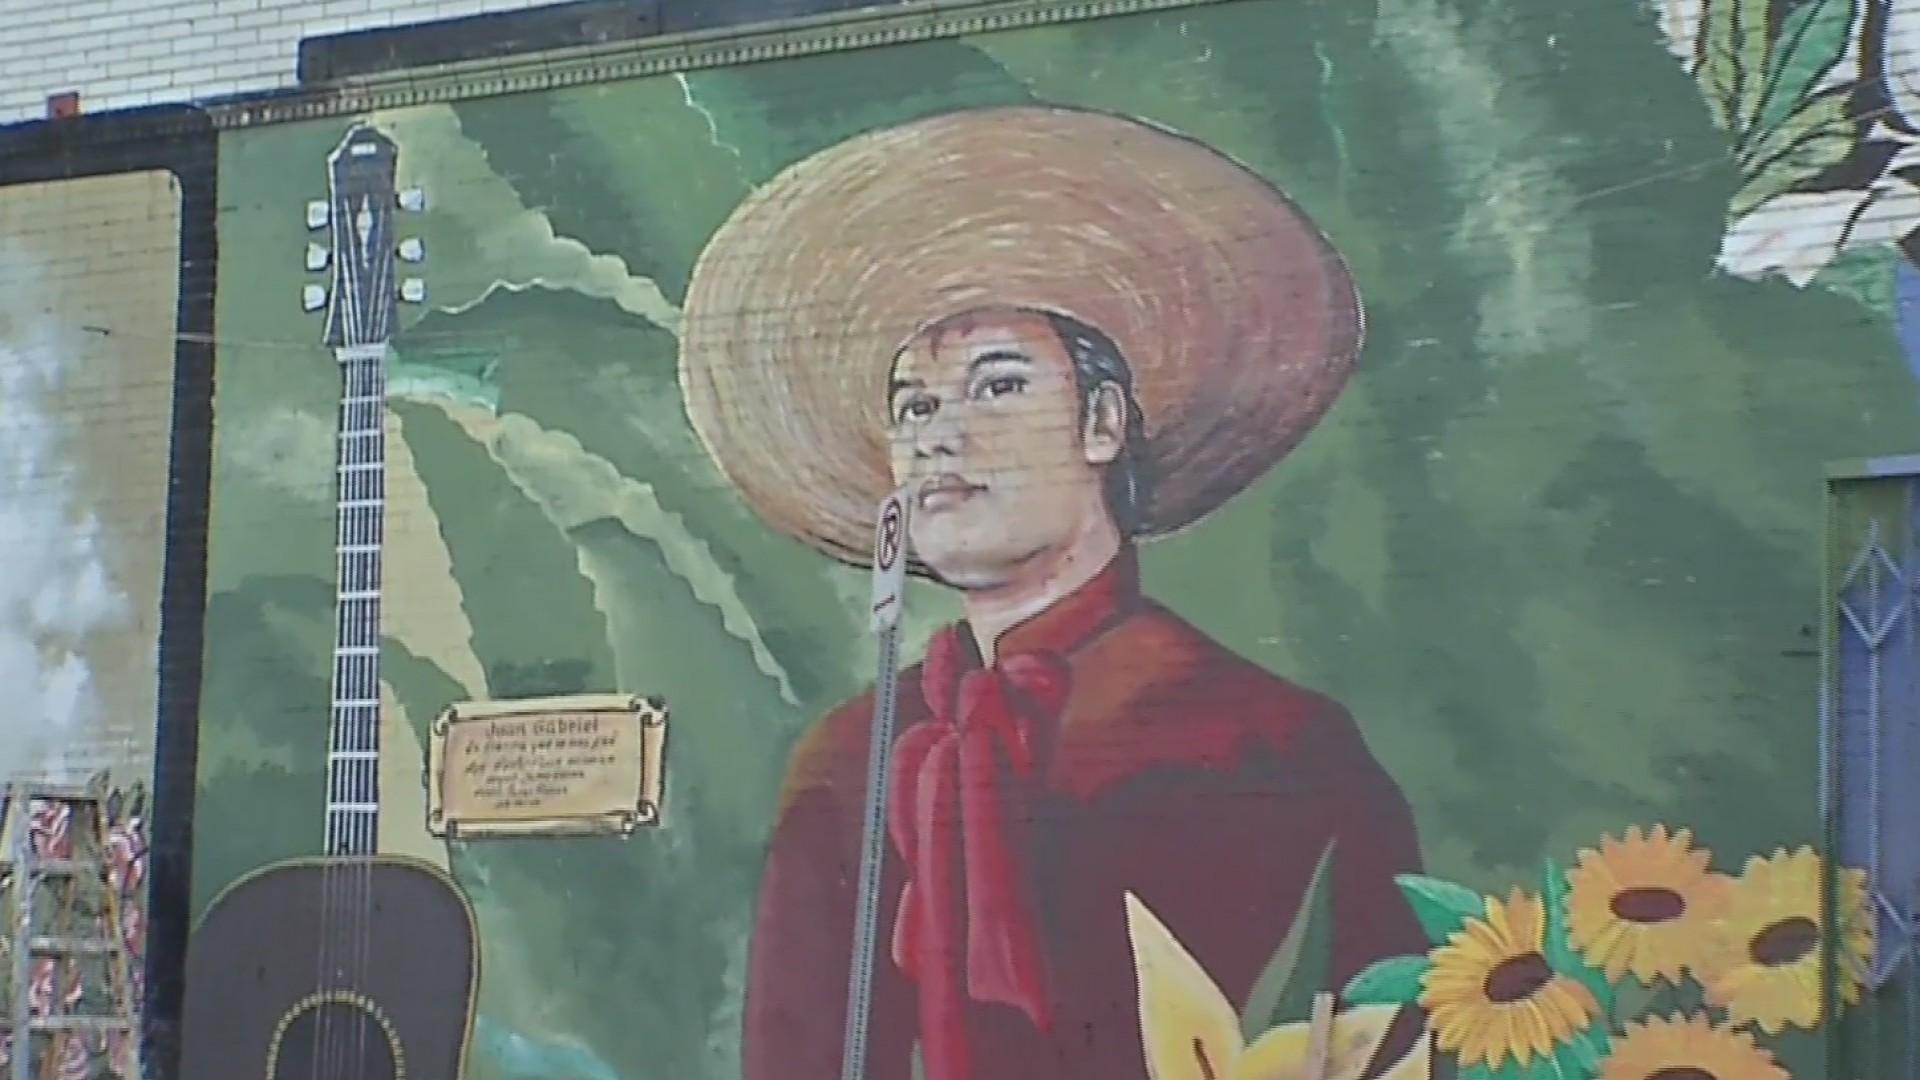 Cu Nto Cuesta Crear Un Mural De Juan Gabriel Univision